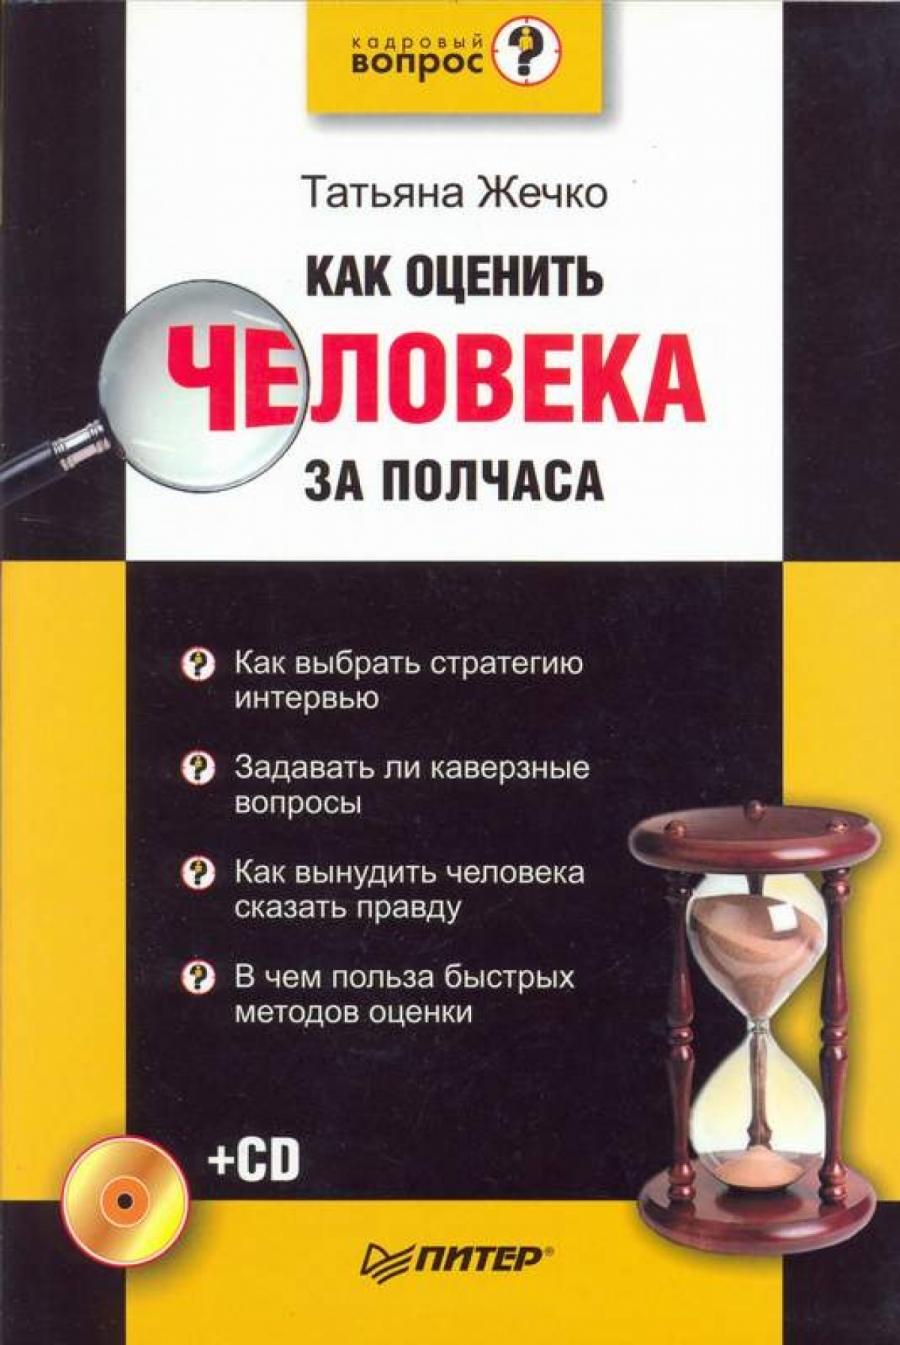 Обложка книги:  татьяна жечко - как оценить человека за полчаса